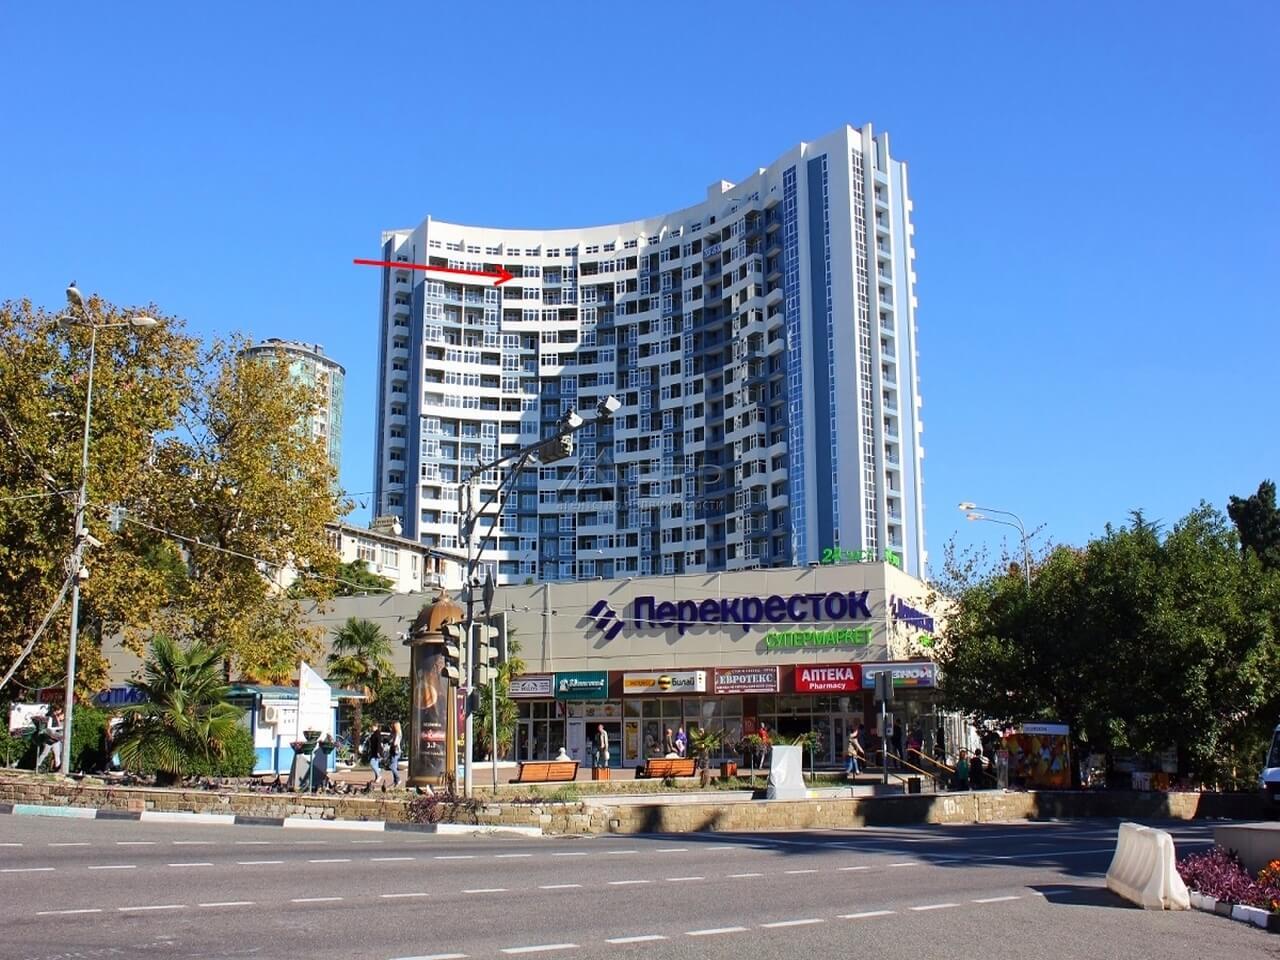 Продажа квартиры-студии в ЖК Москва (32,8 м²)